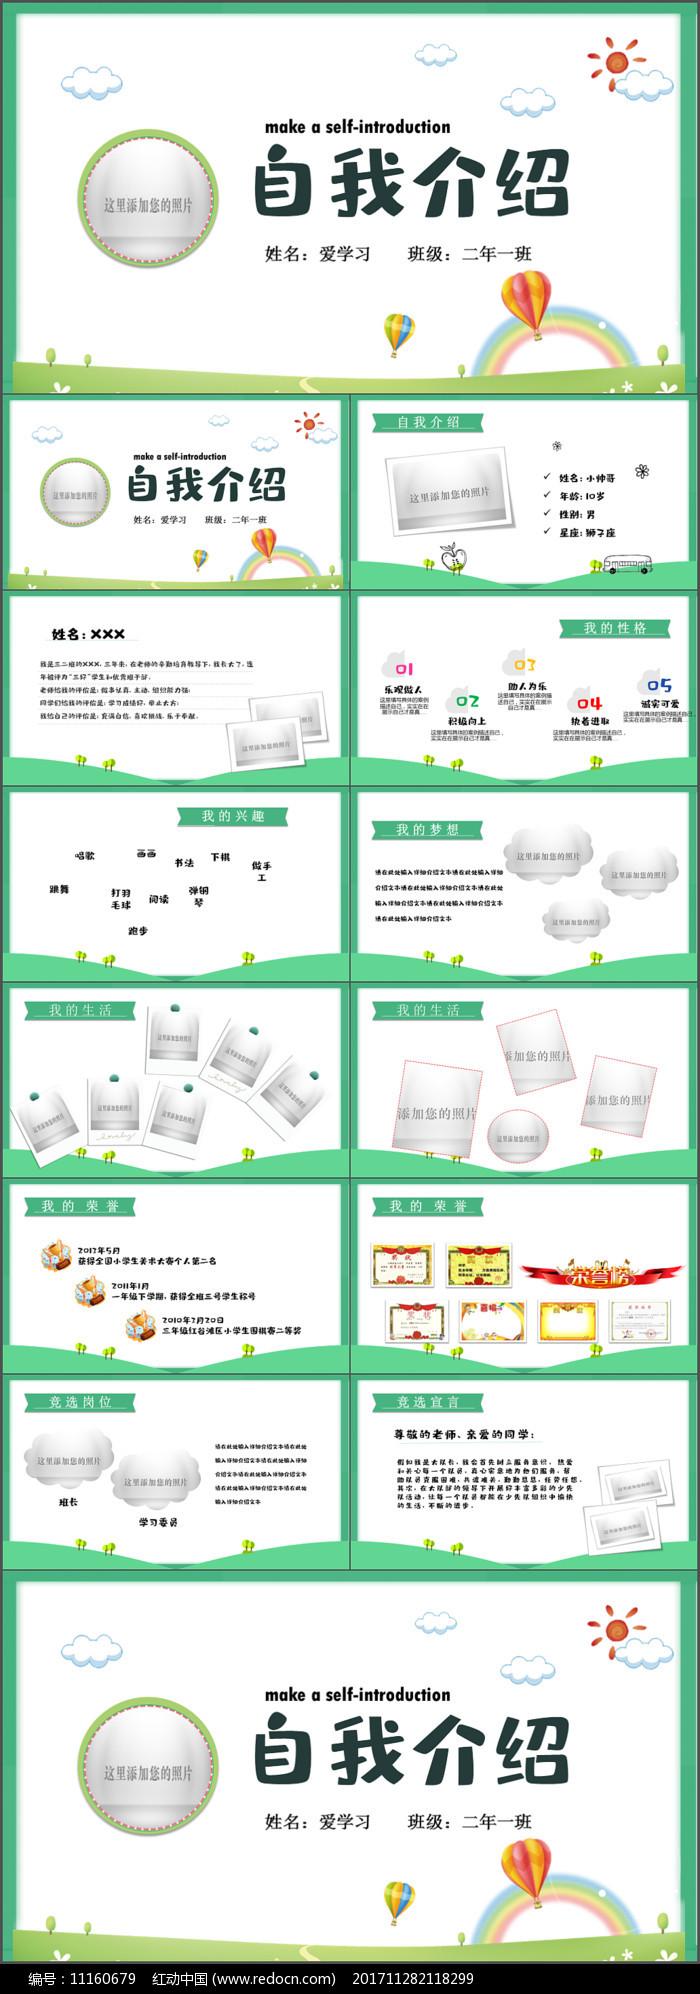 小升初简历学生竞选个人自我介绍PPT模板图片